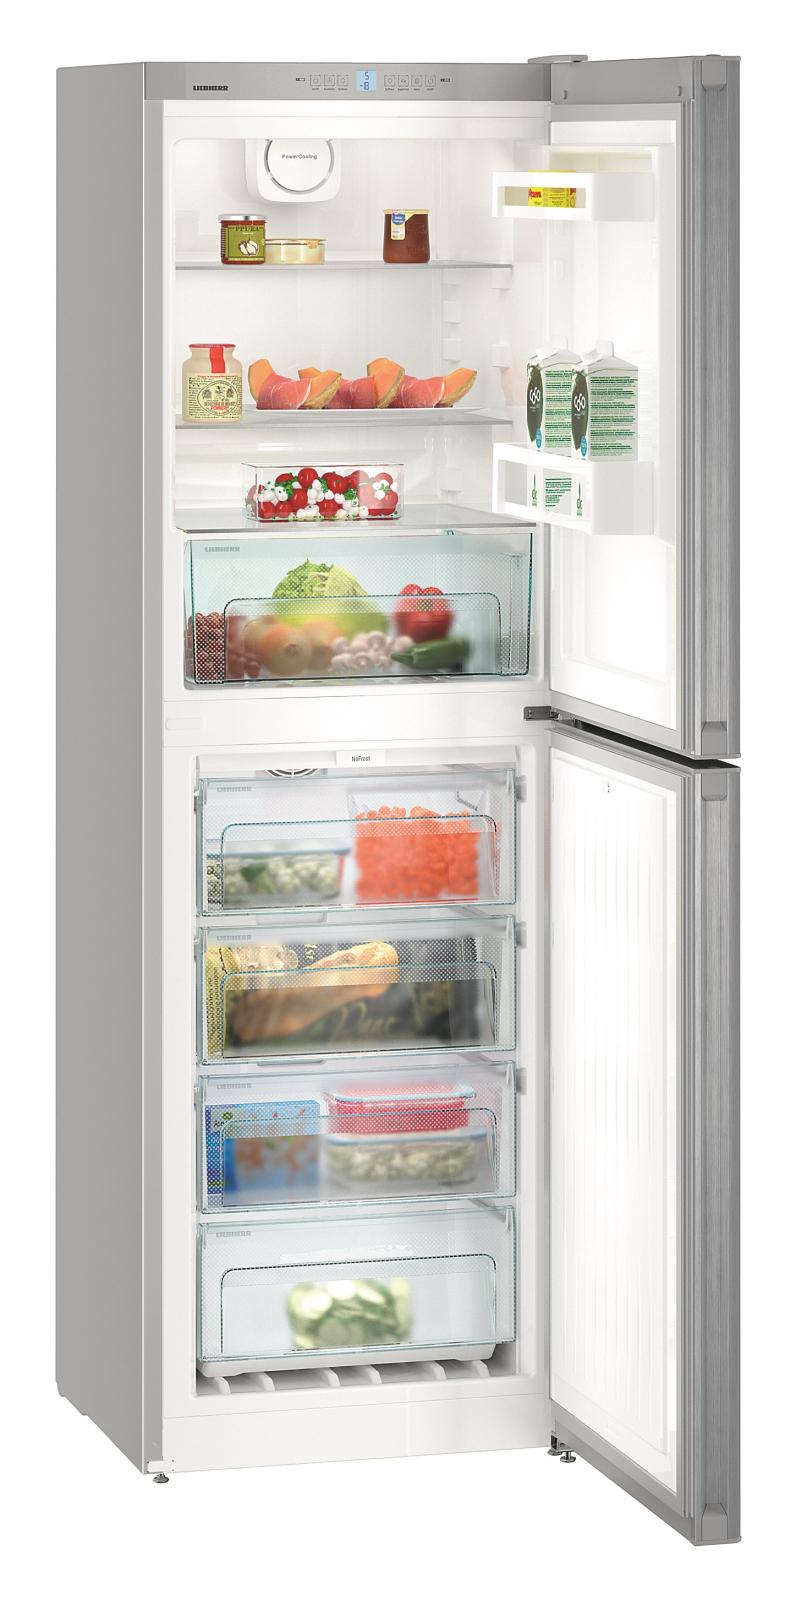 купить Двухкамерный холодильник Liebherr CNel 4213 Украина фото 0